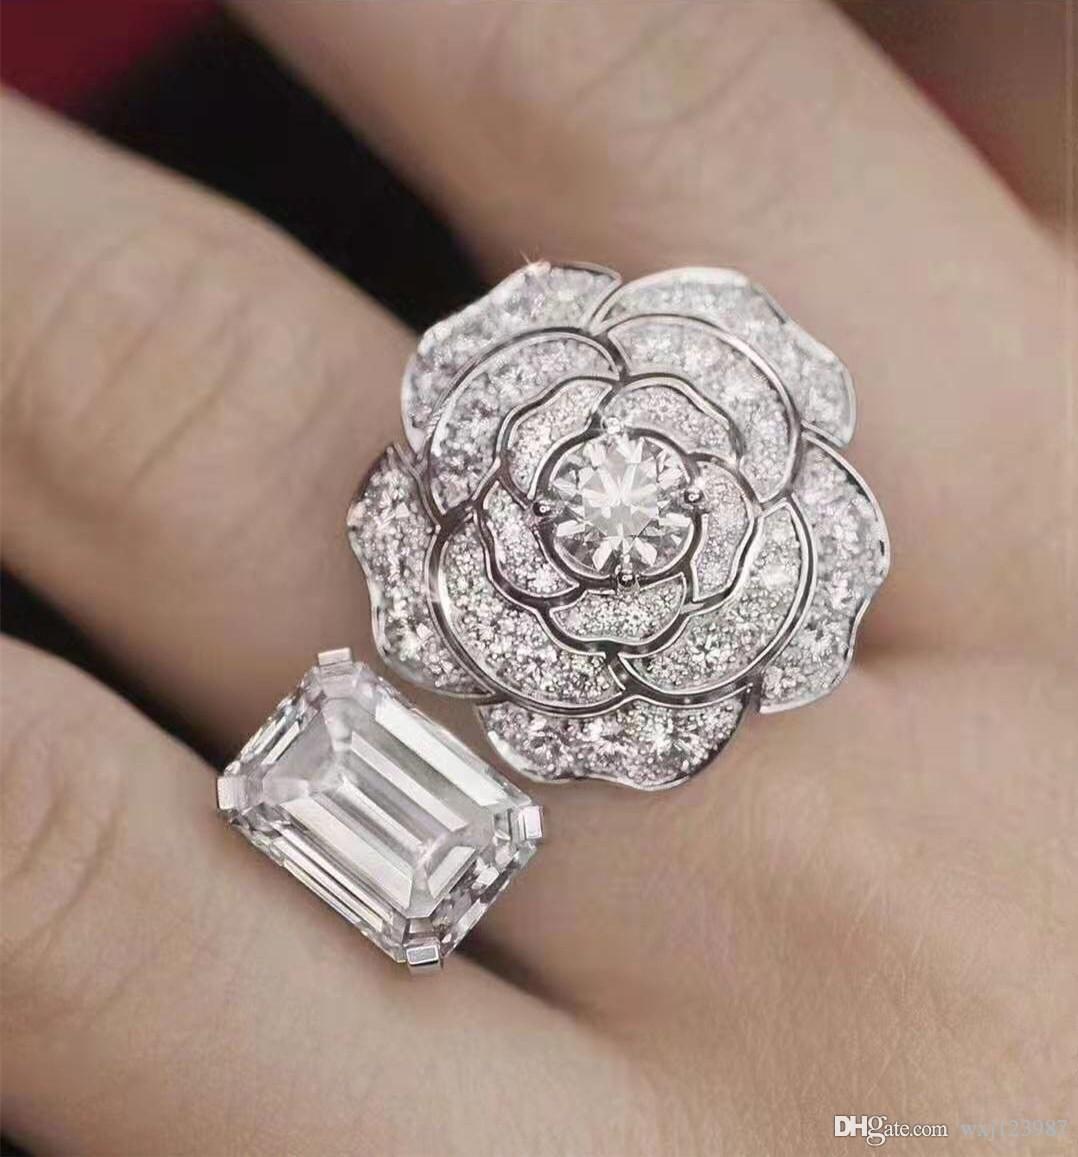 유럽과 미국의 고급 S925 스털링 실버 동백 디자이너 링 평방 다이아몬드 개방 명품 디자이너 보석 여성 반지